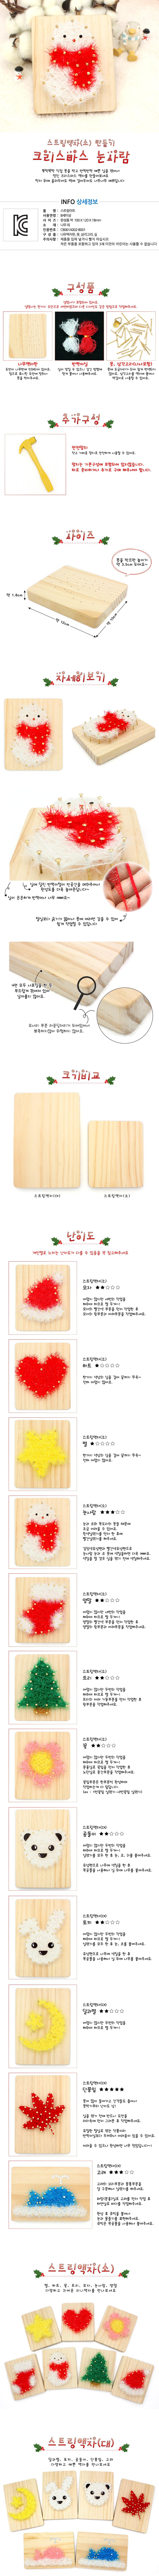 스트링액자(소)-크리스마스 눈사람 - 에코키즈, 4,500원, DIY그리기, 스트링아트